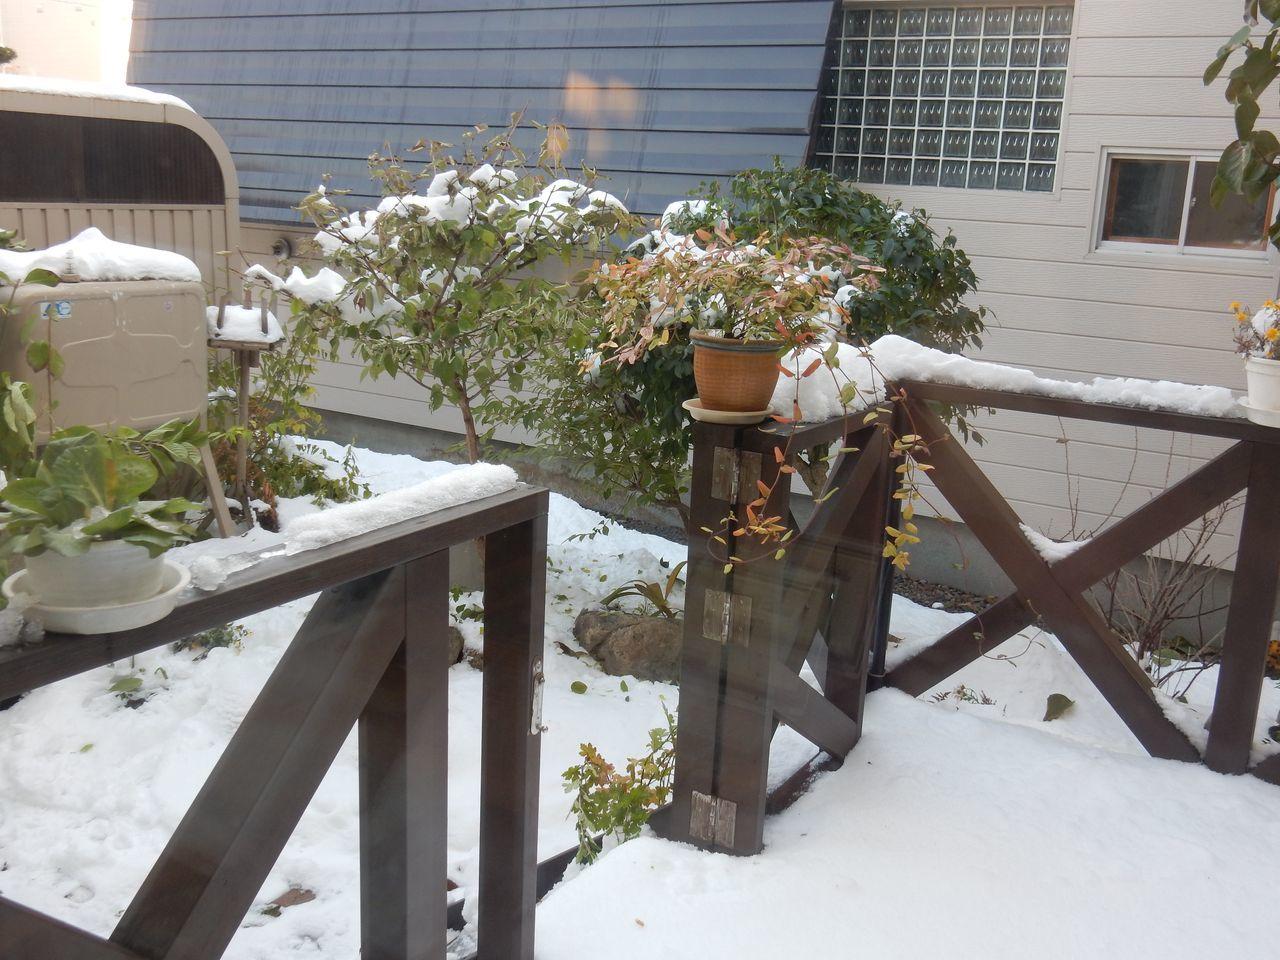 着々と積雪は減って_c0025115_22014957.jpg